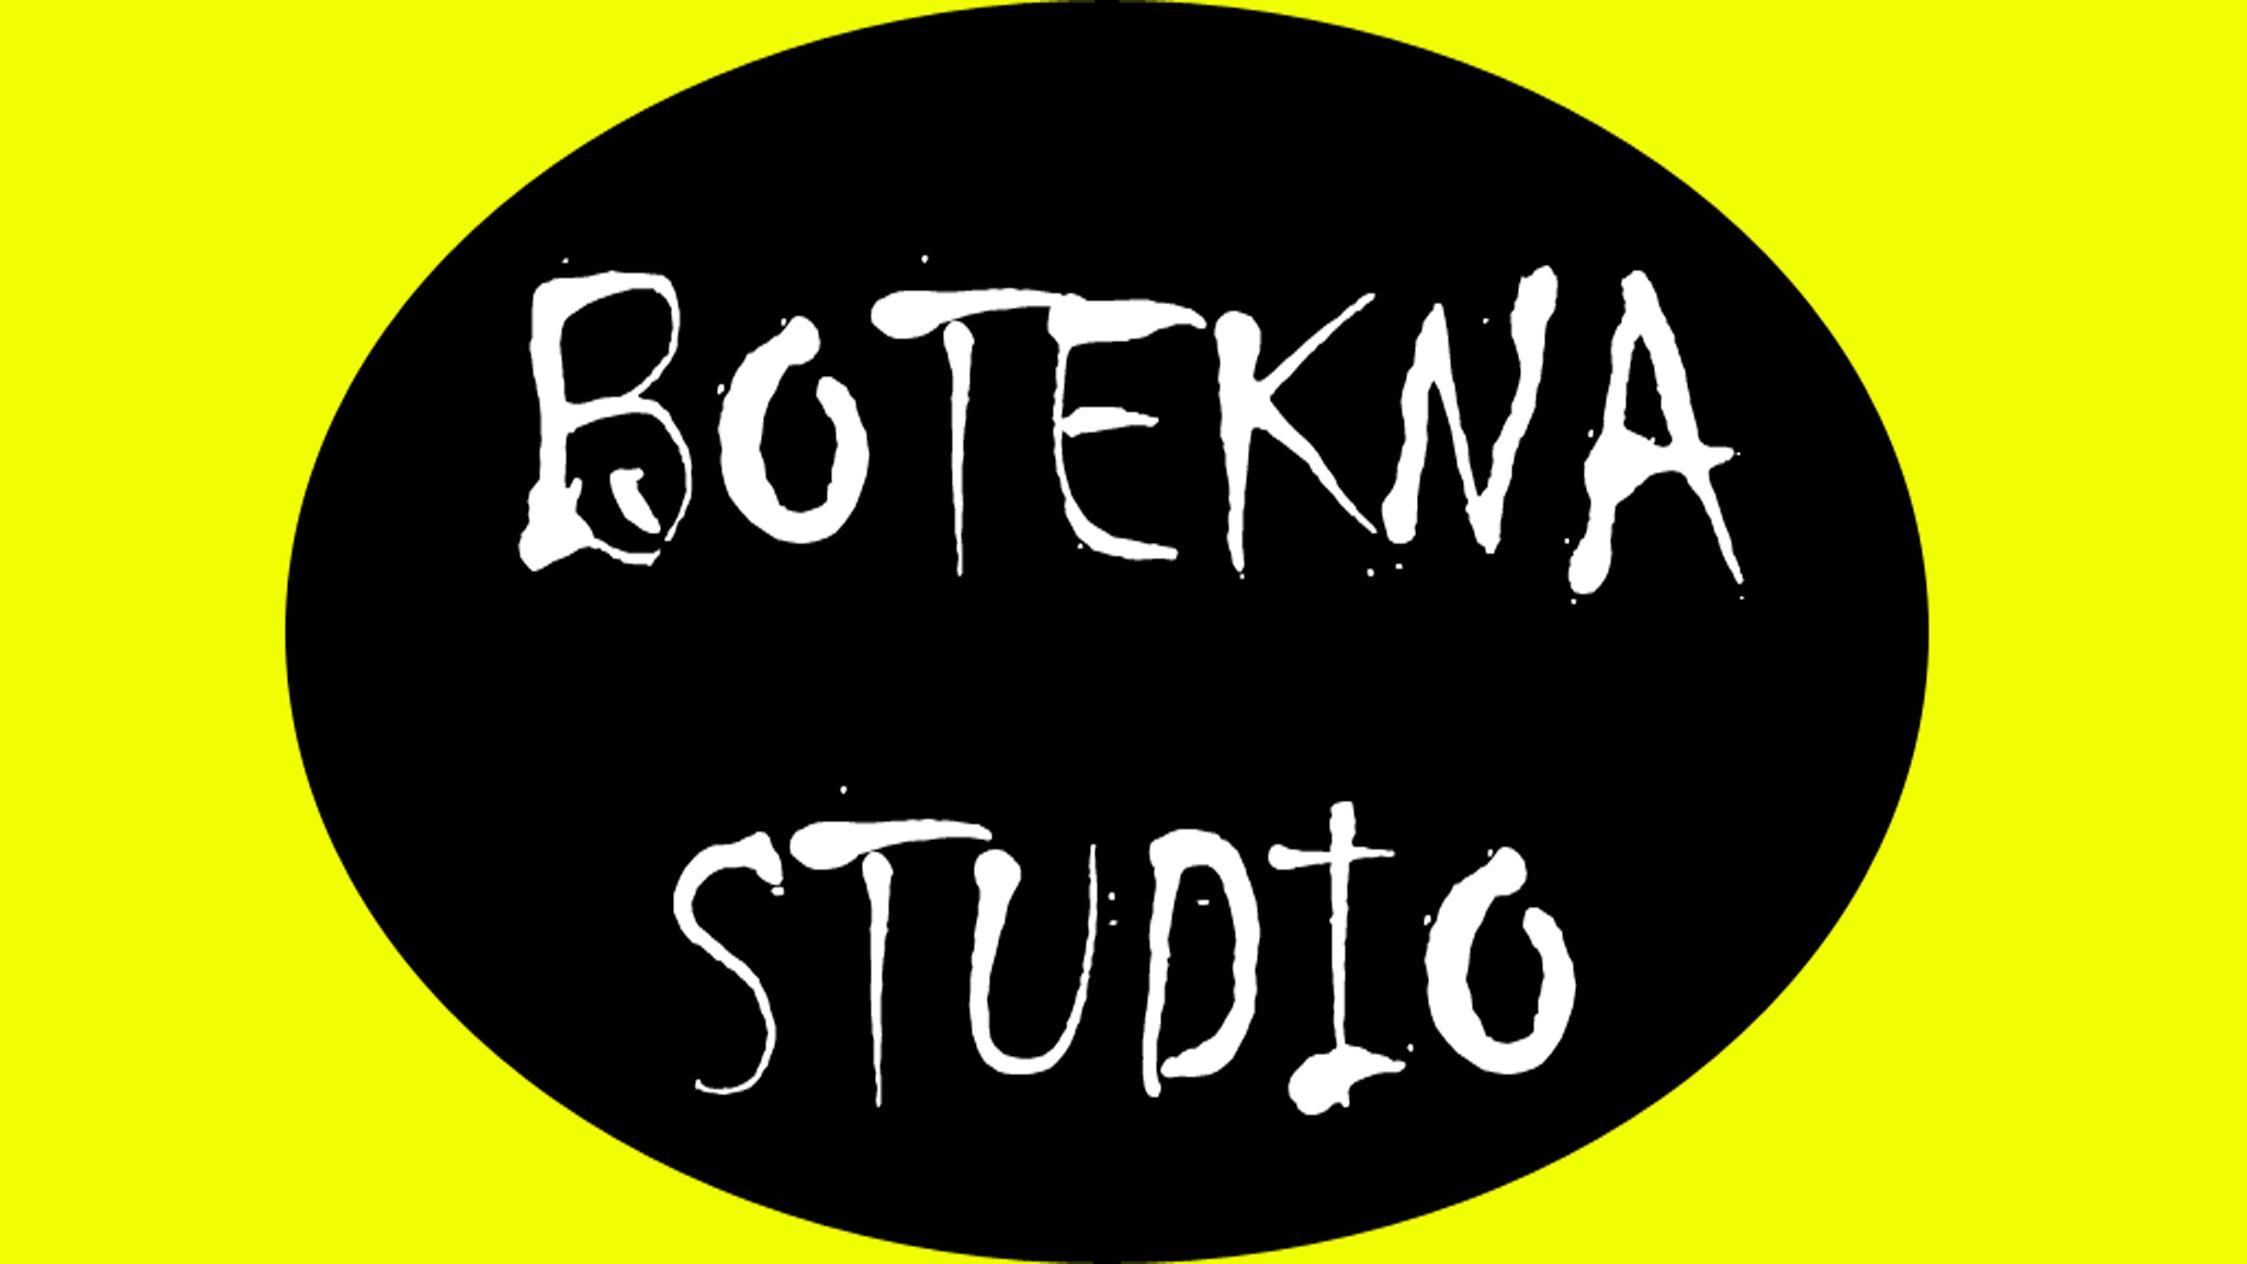 Botekna